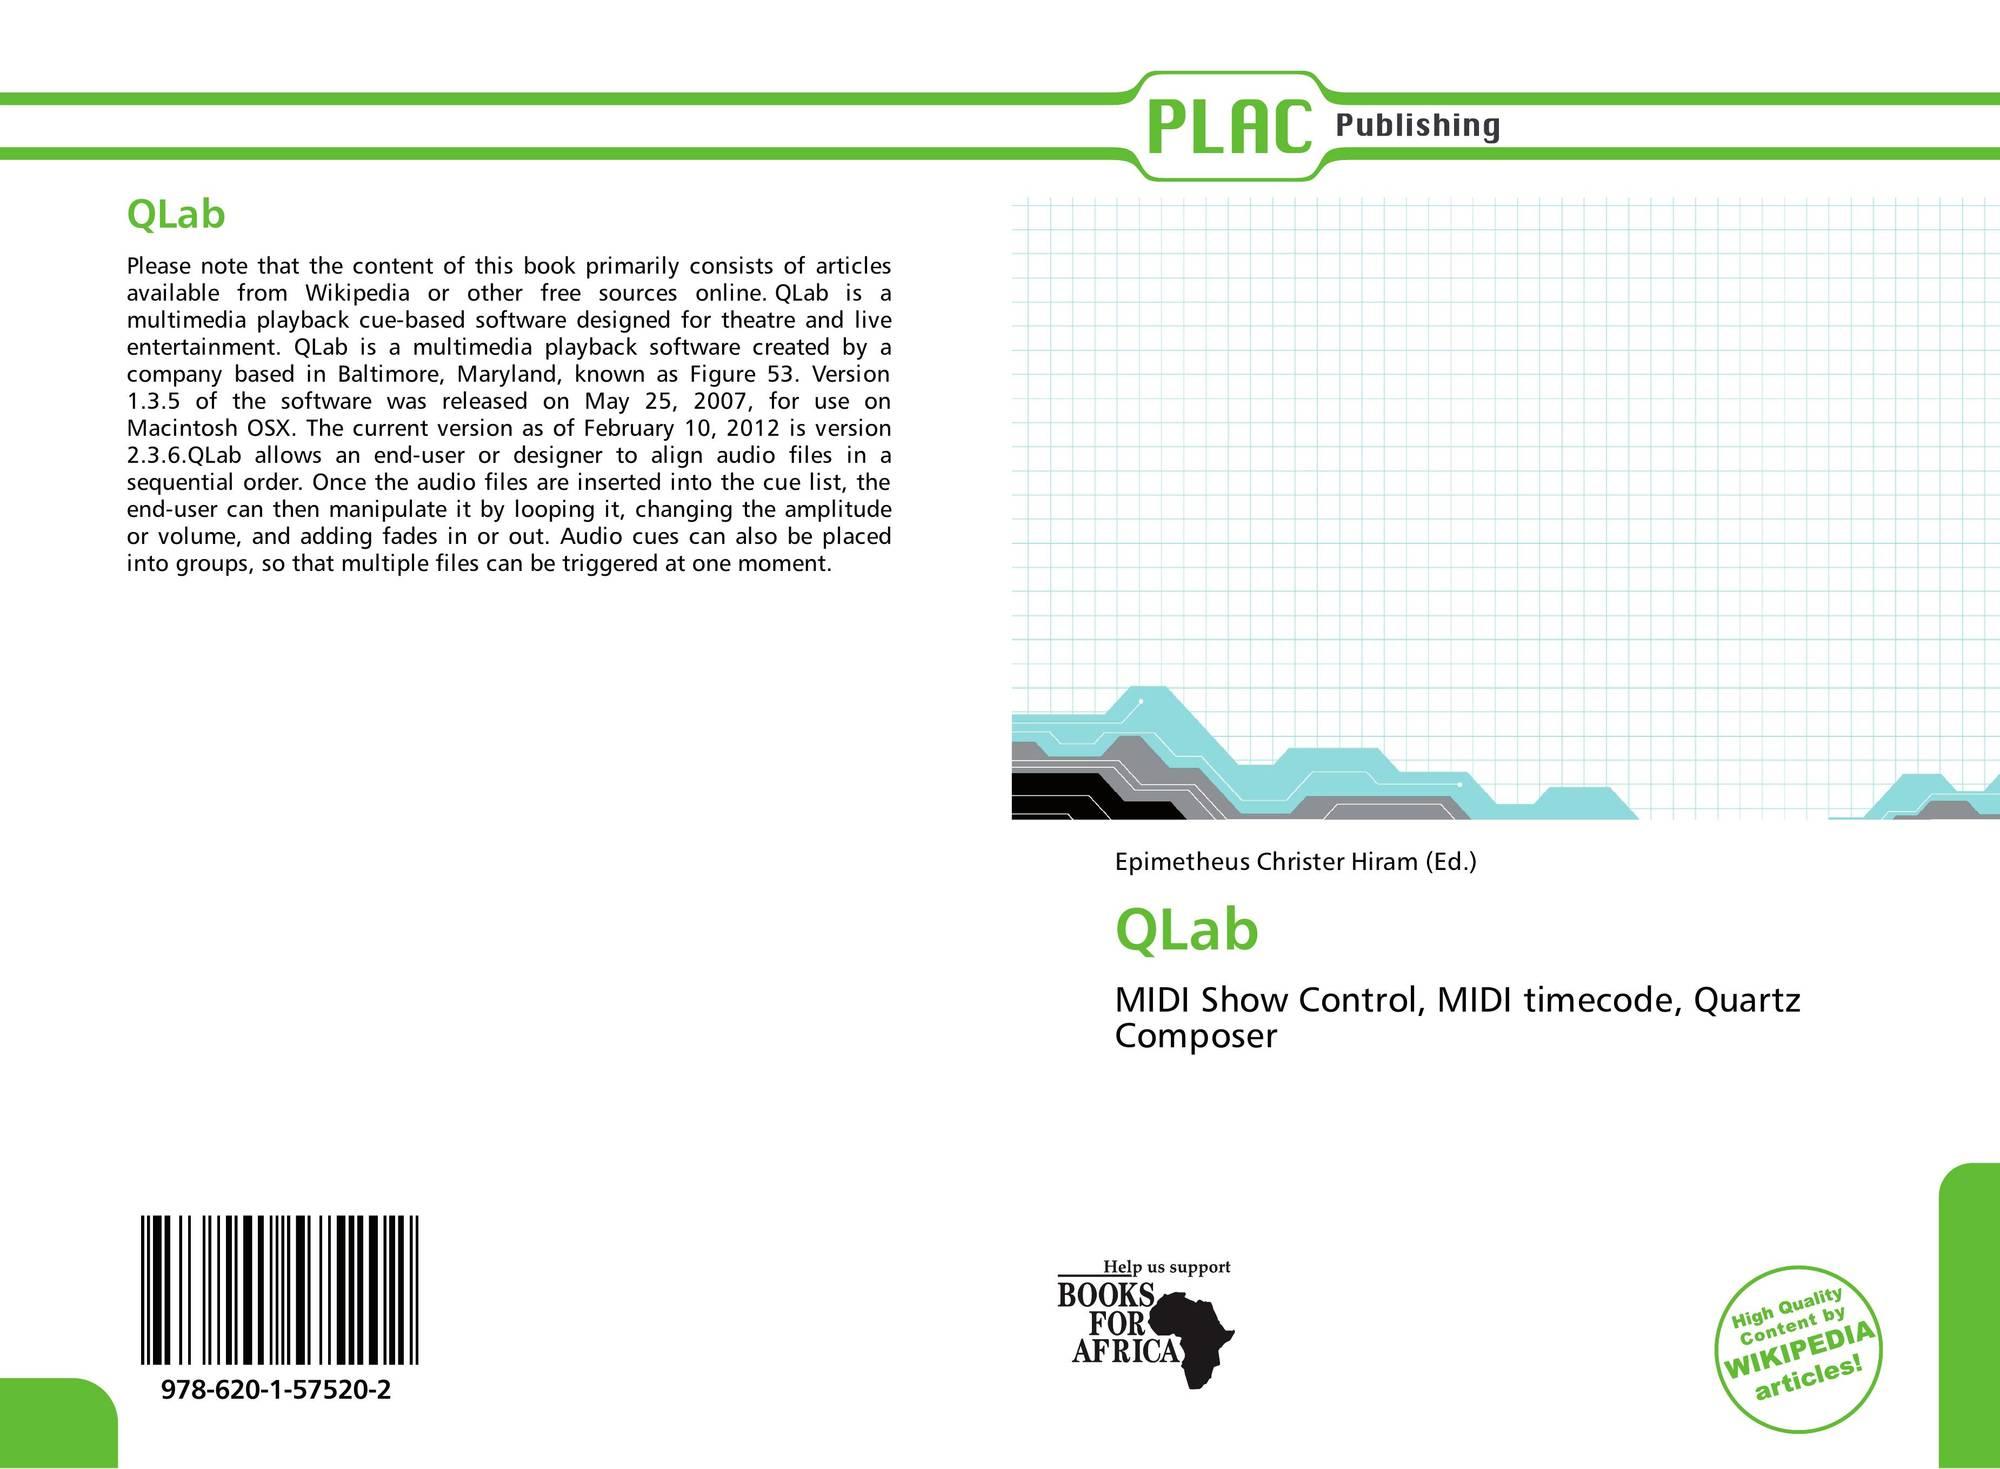 QLab, 978-620-1-57520-2, 6201575200 ,9786201575202